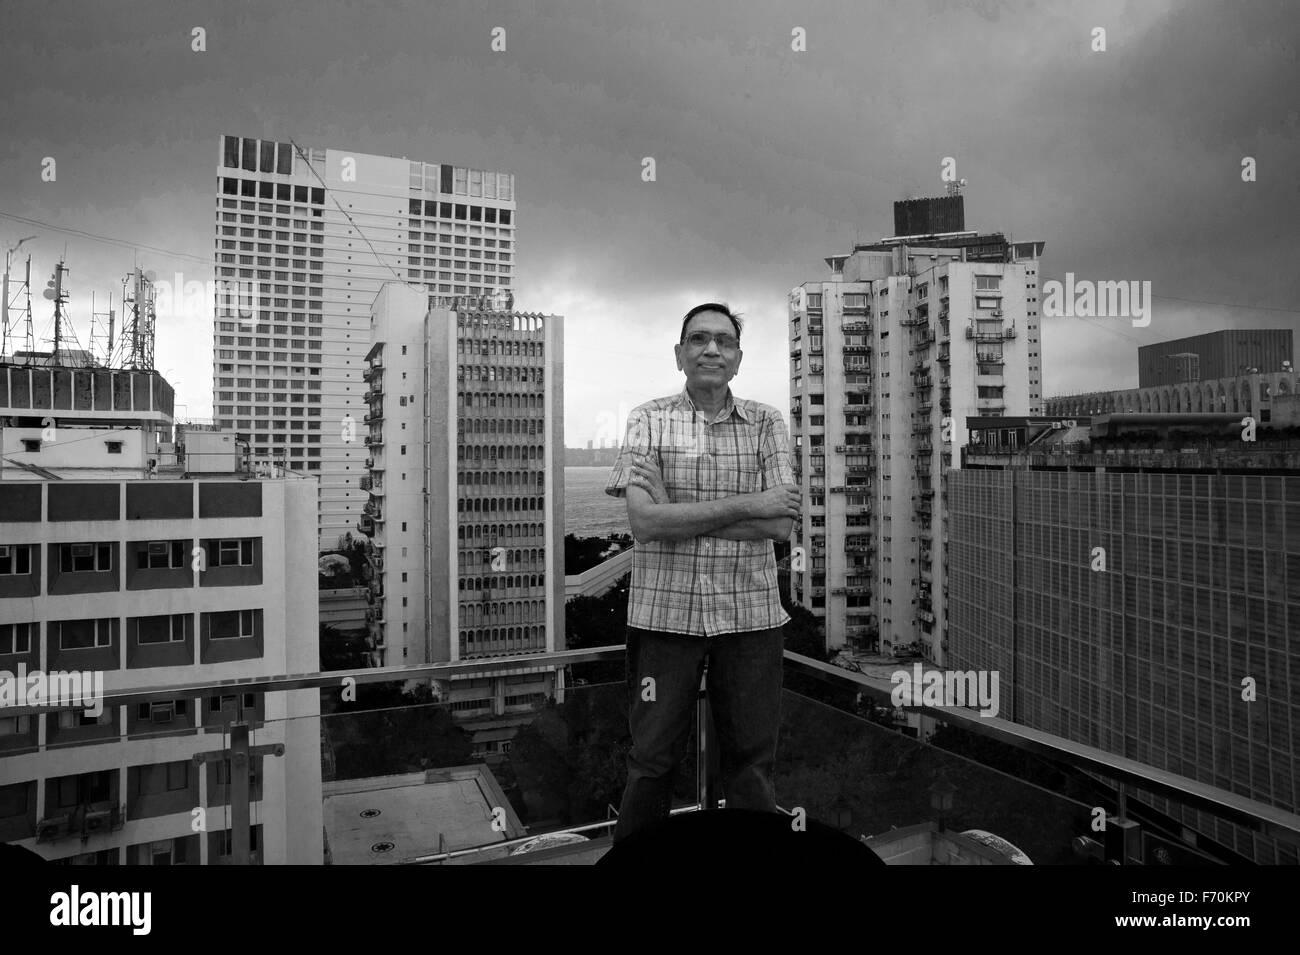 Jagdish Agarwal fundador dinodia fototeca pararse en la terraza del nuevo edificio de oficinas en Nariman Point Mumbai india asia Foto de stock